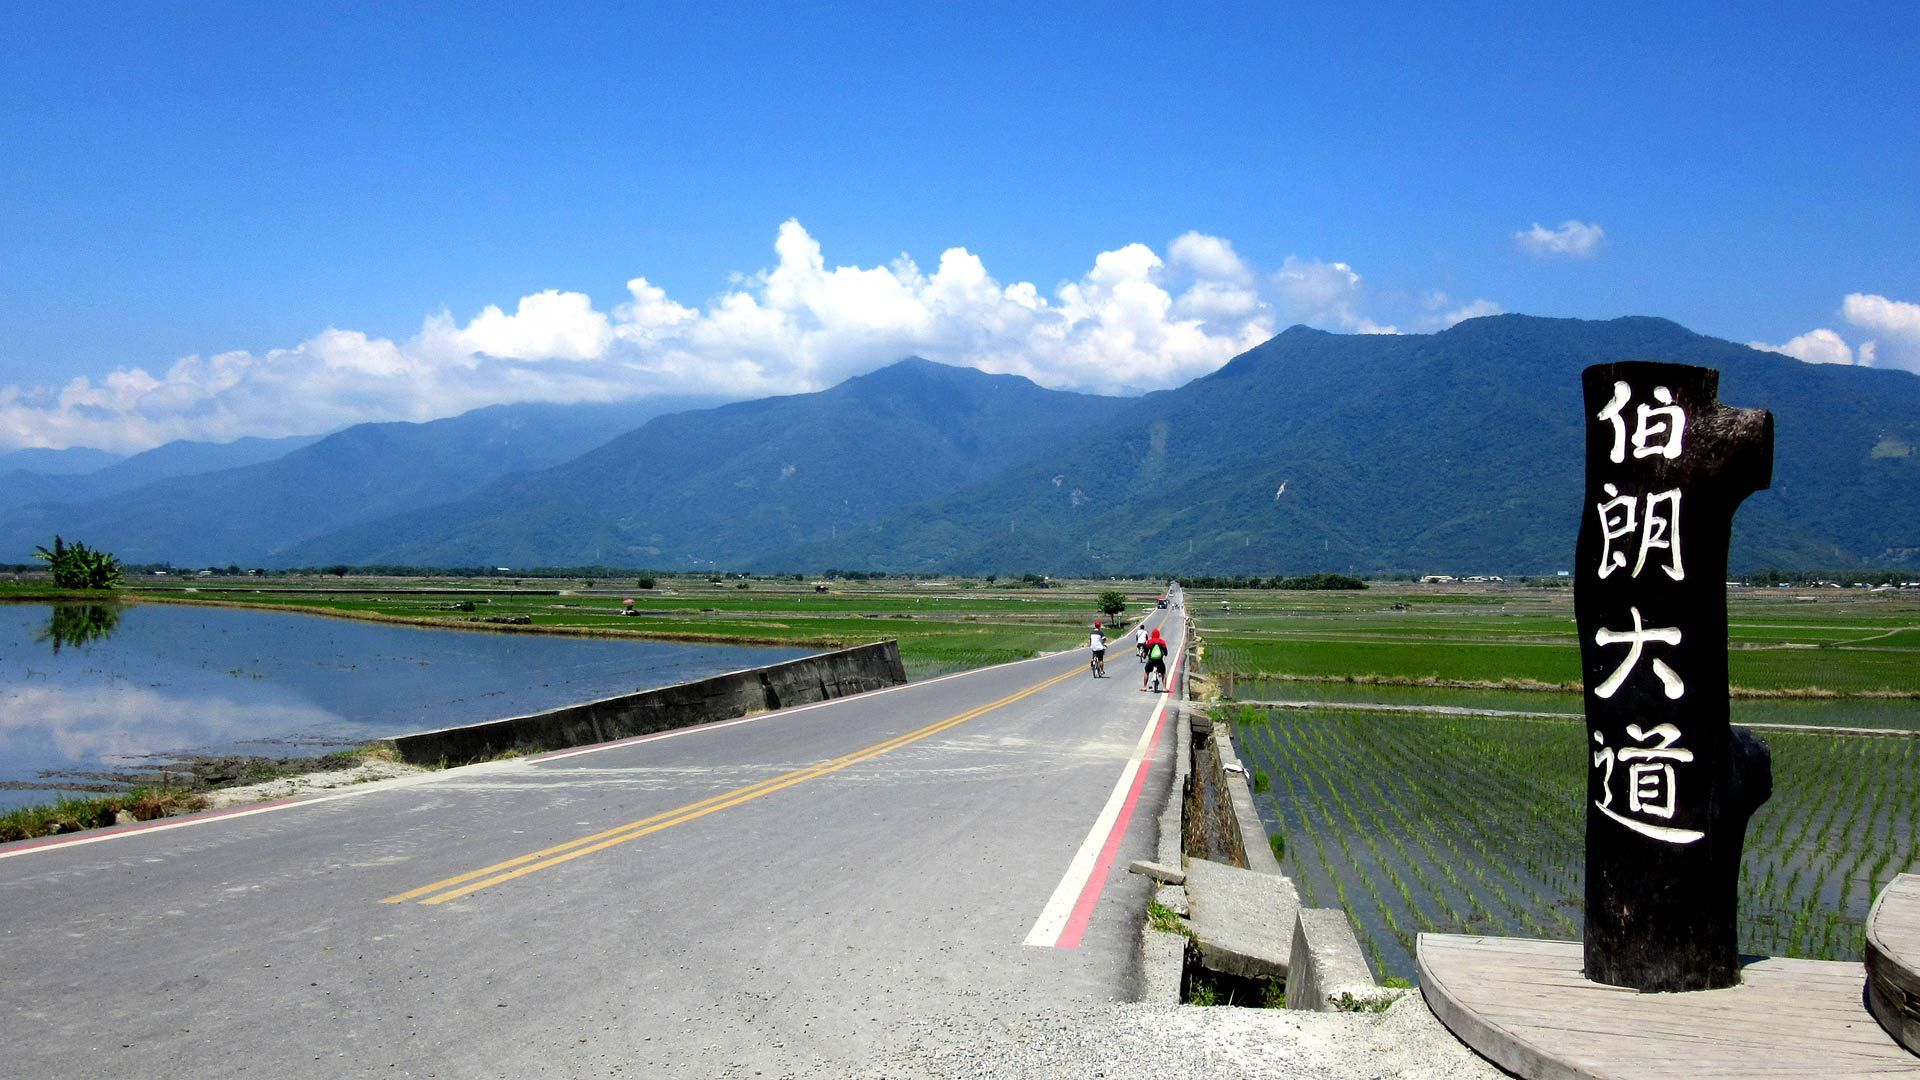 驾车环岛10日游 台湾自由行之游记上篇